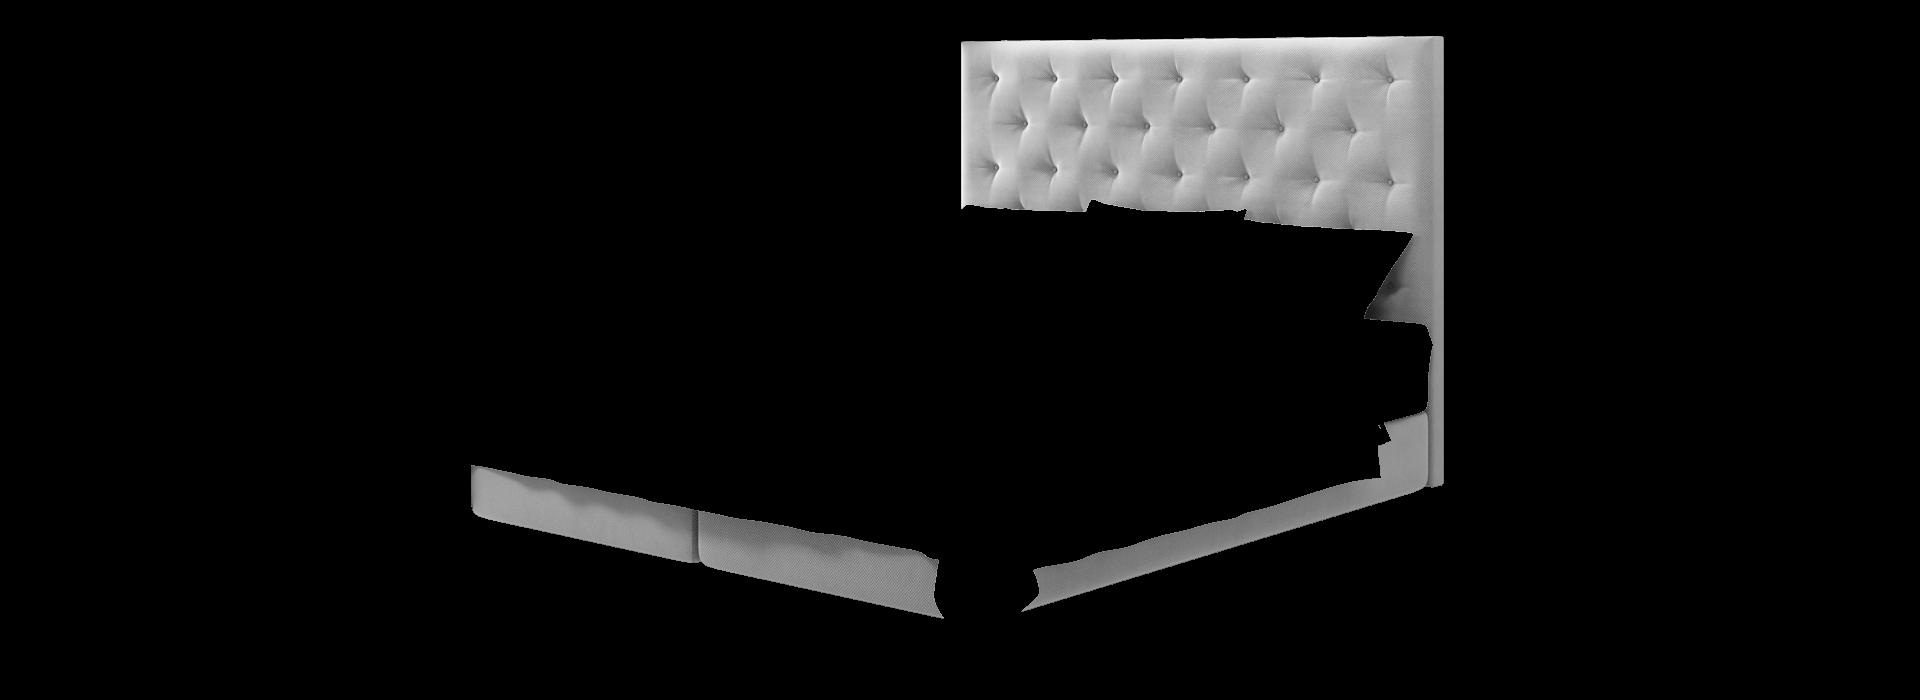 Эстер 1.8 кровать box spring - маска 2